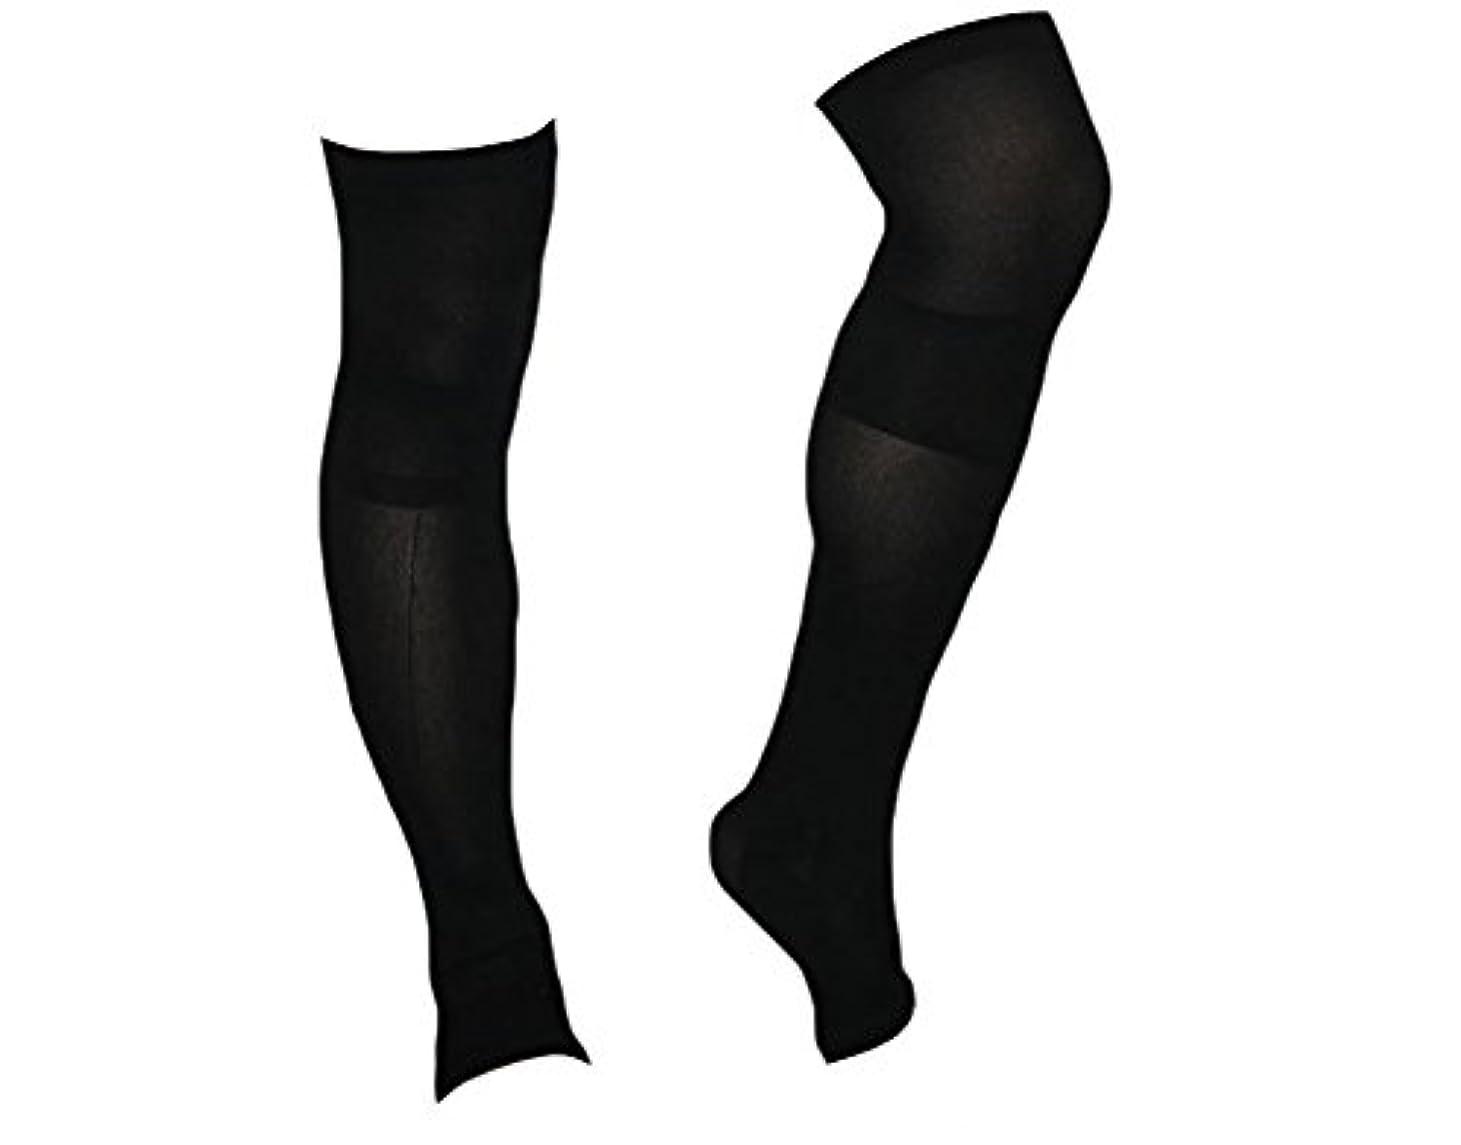 プーノパンフレット聖域着圧ソックス スパルタックス メンズ 加圧 ソックス 靴下 男性用 (ひざ上丈)